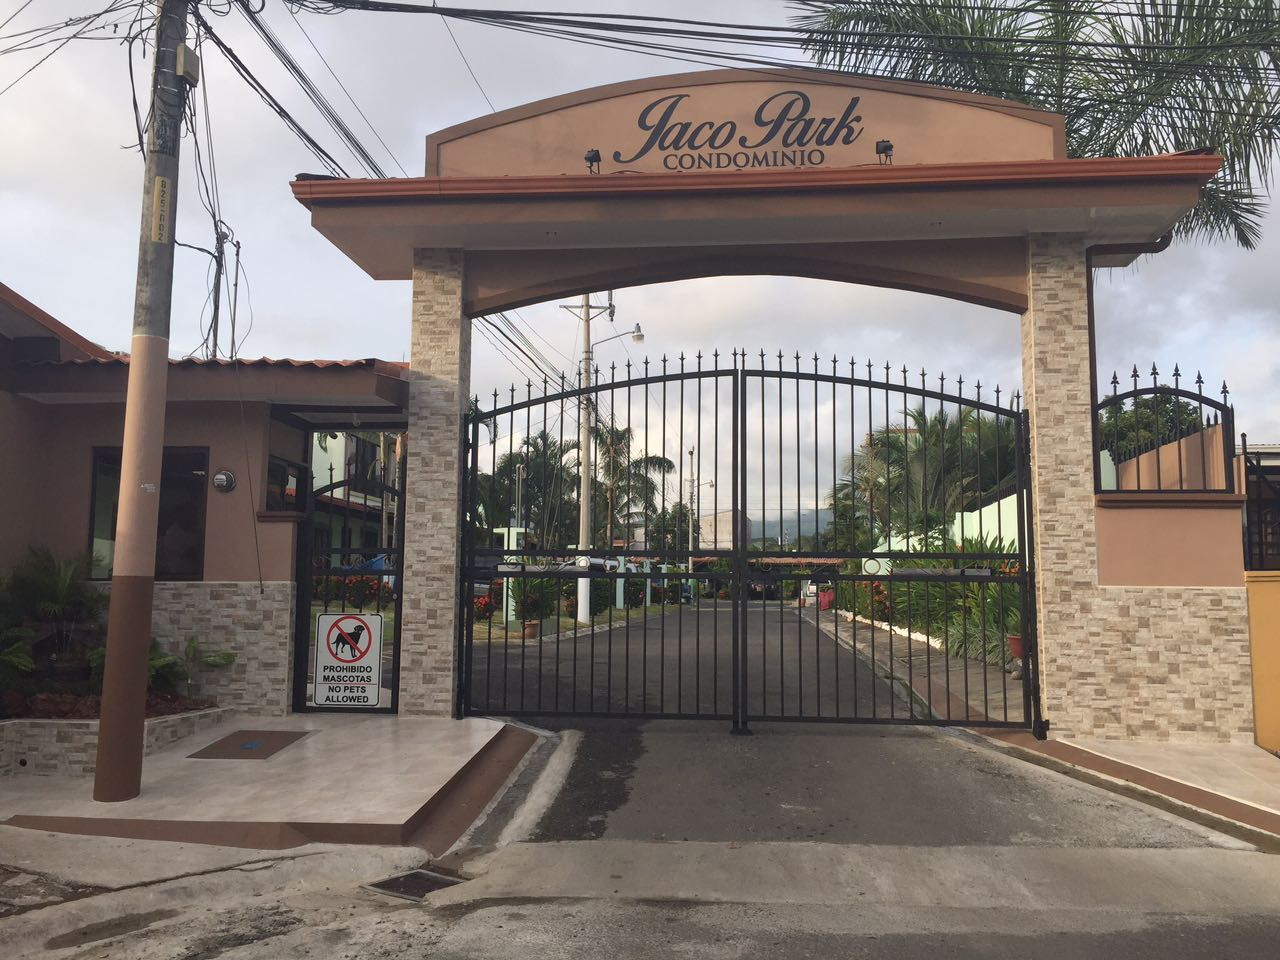 Jaco Park Condominium